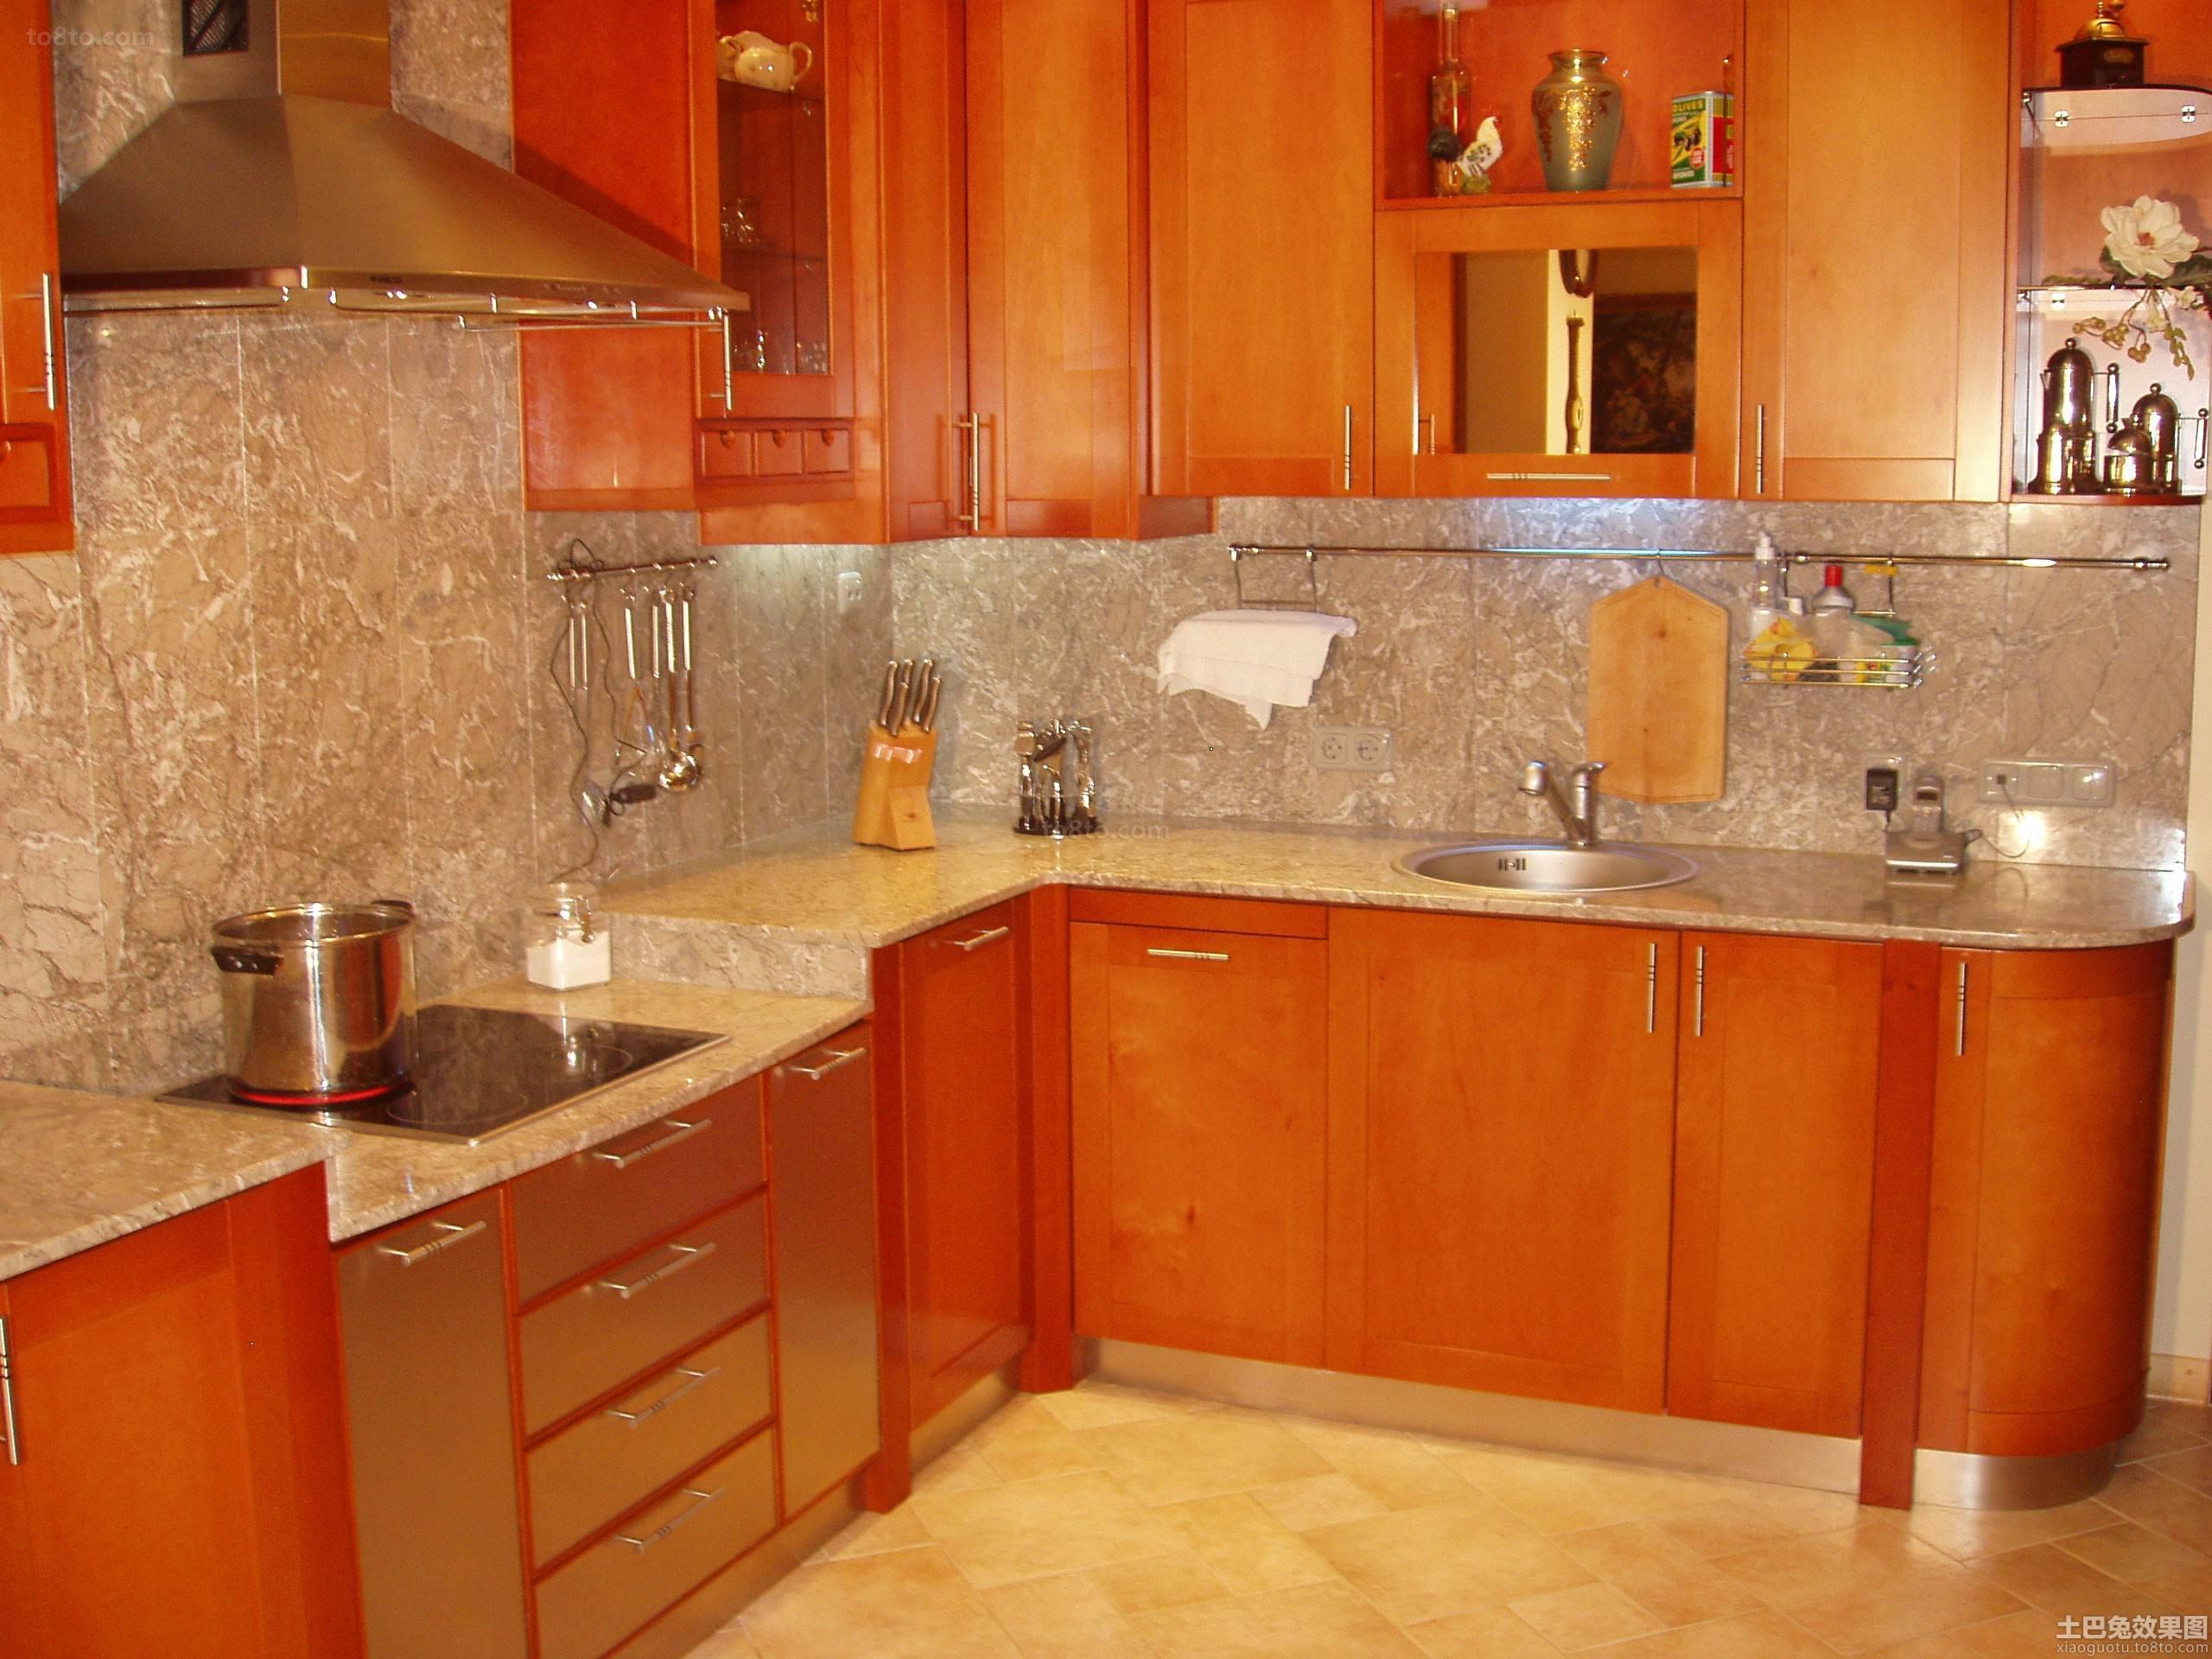 美式实木橱柜厨房设计